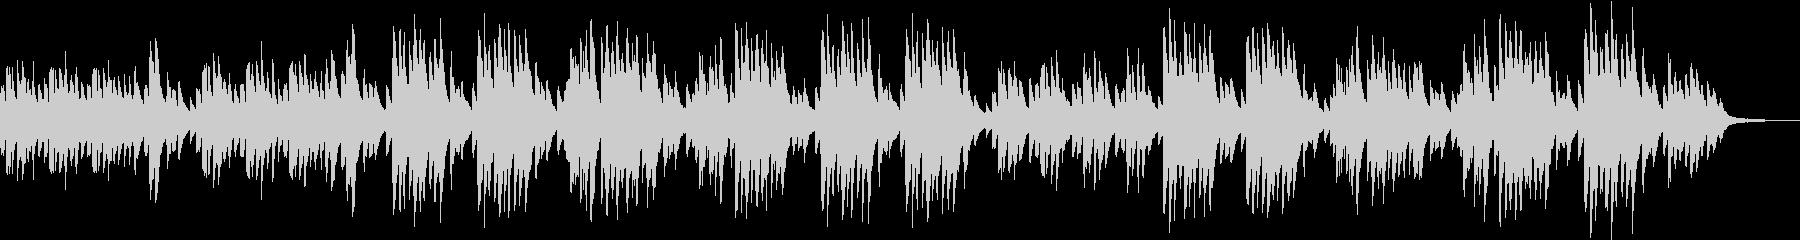 グノシェンヌ第一番/サティ【ピアノソロ】の未再生の波形